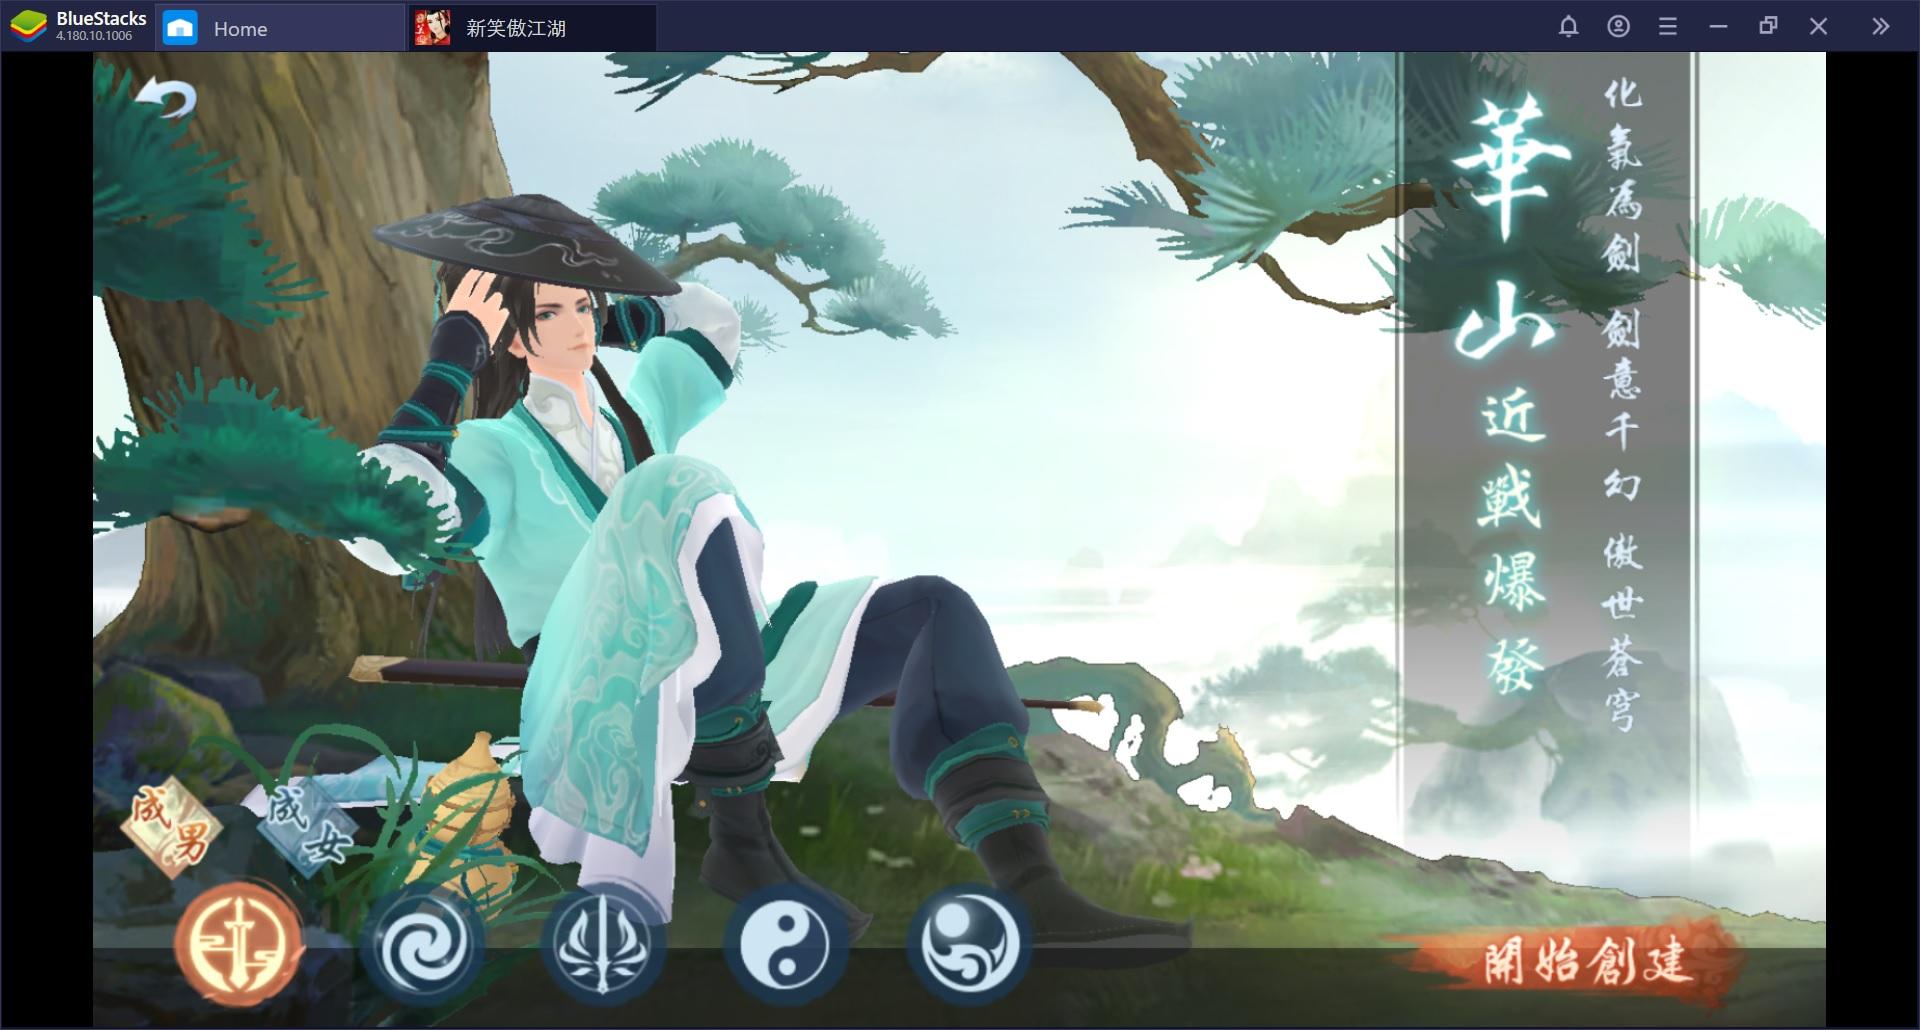 使用BlueStacks在電腦上體驗武俠題材 MMORPG《新笑傲江湖 M》